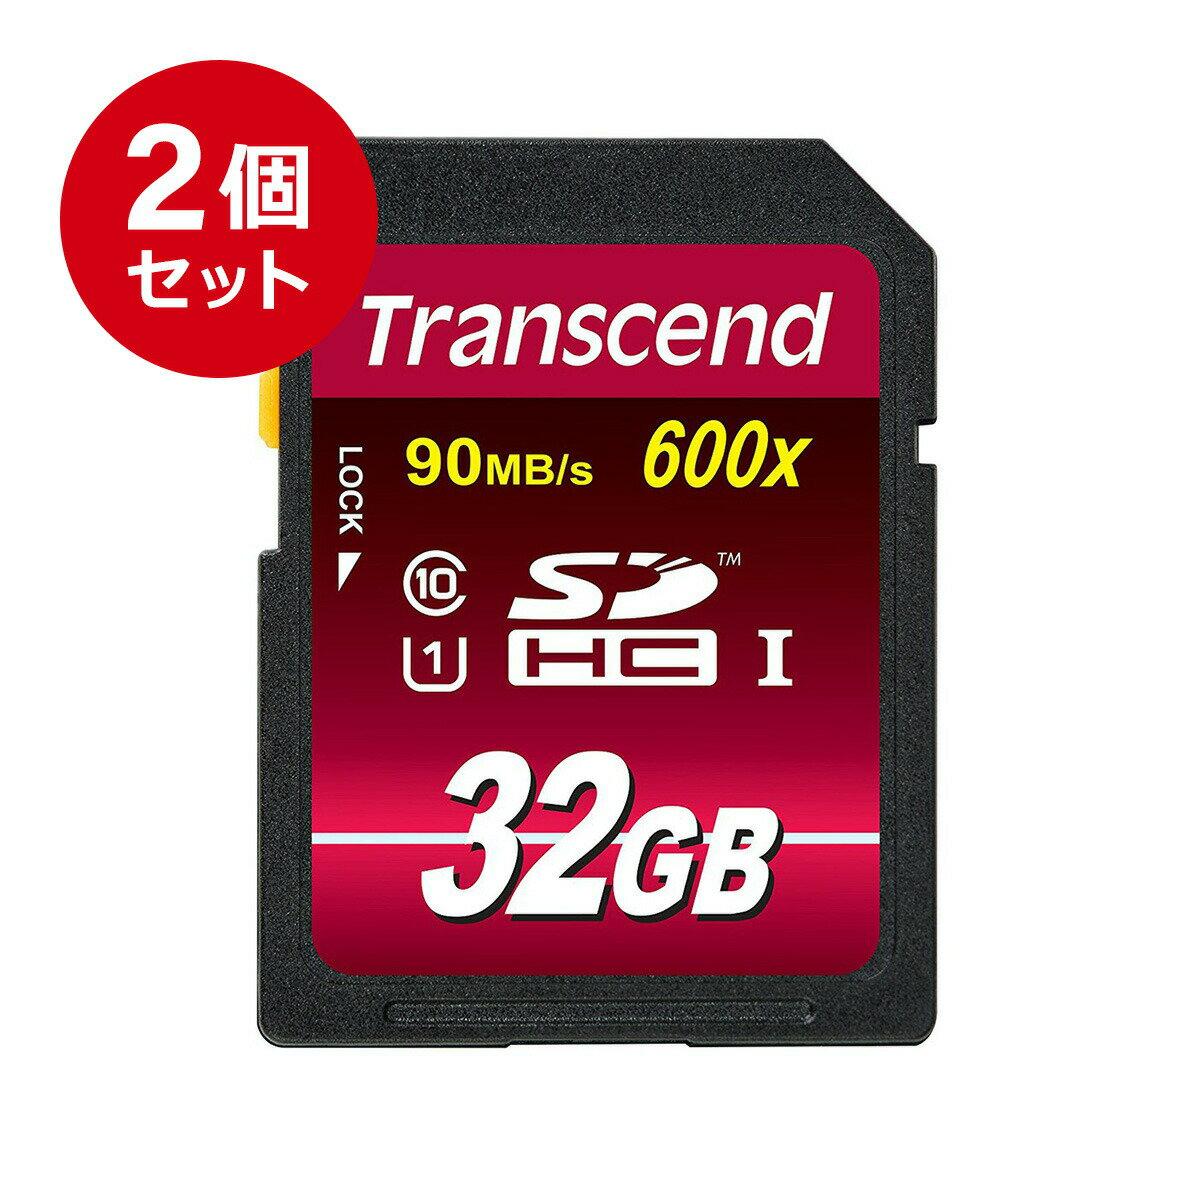 【まとめ割 2個セット】Transcend SDカード 32GB Class10 UHS-I Ultimate 最大90MB/s 5年保証 メモリーカード クラス10 入学 卒業 32 2枚[TS32GSDHC10U1]【ネコポス専用】【送料無料】